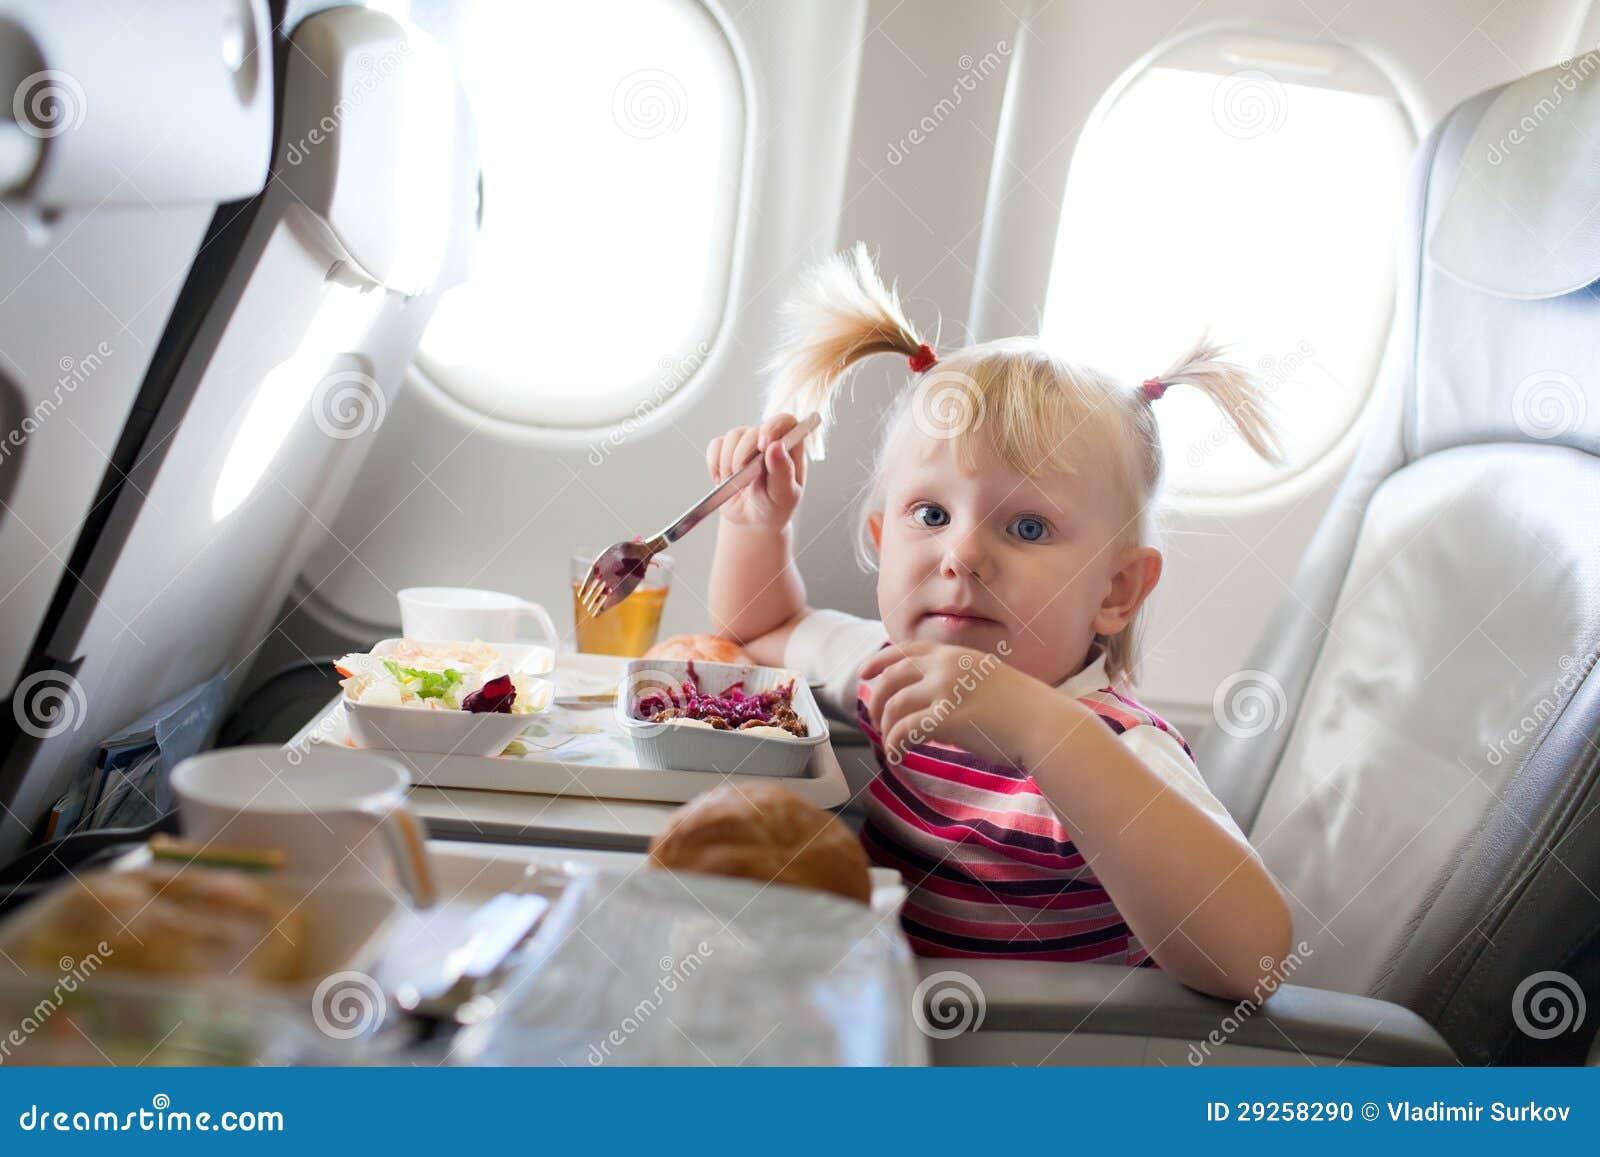 Meisje die in het vliegtuig eten stock foto afbeelding 29258290 - Klein meisje idee ...